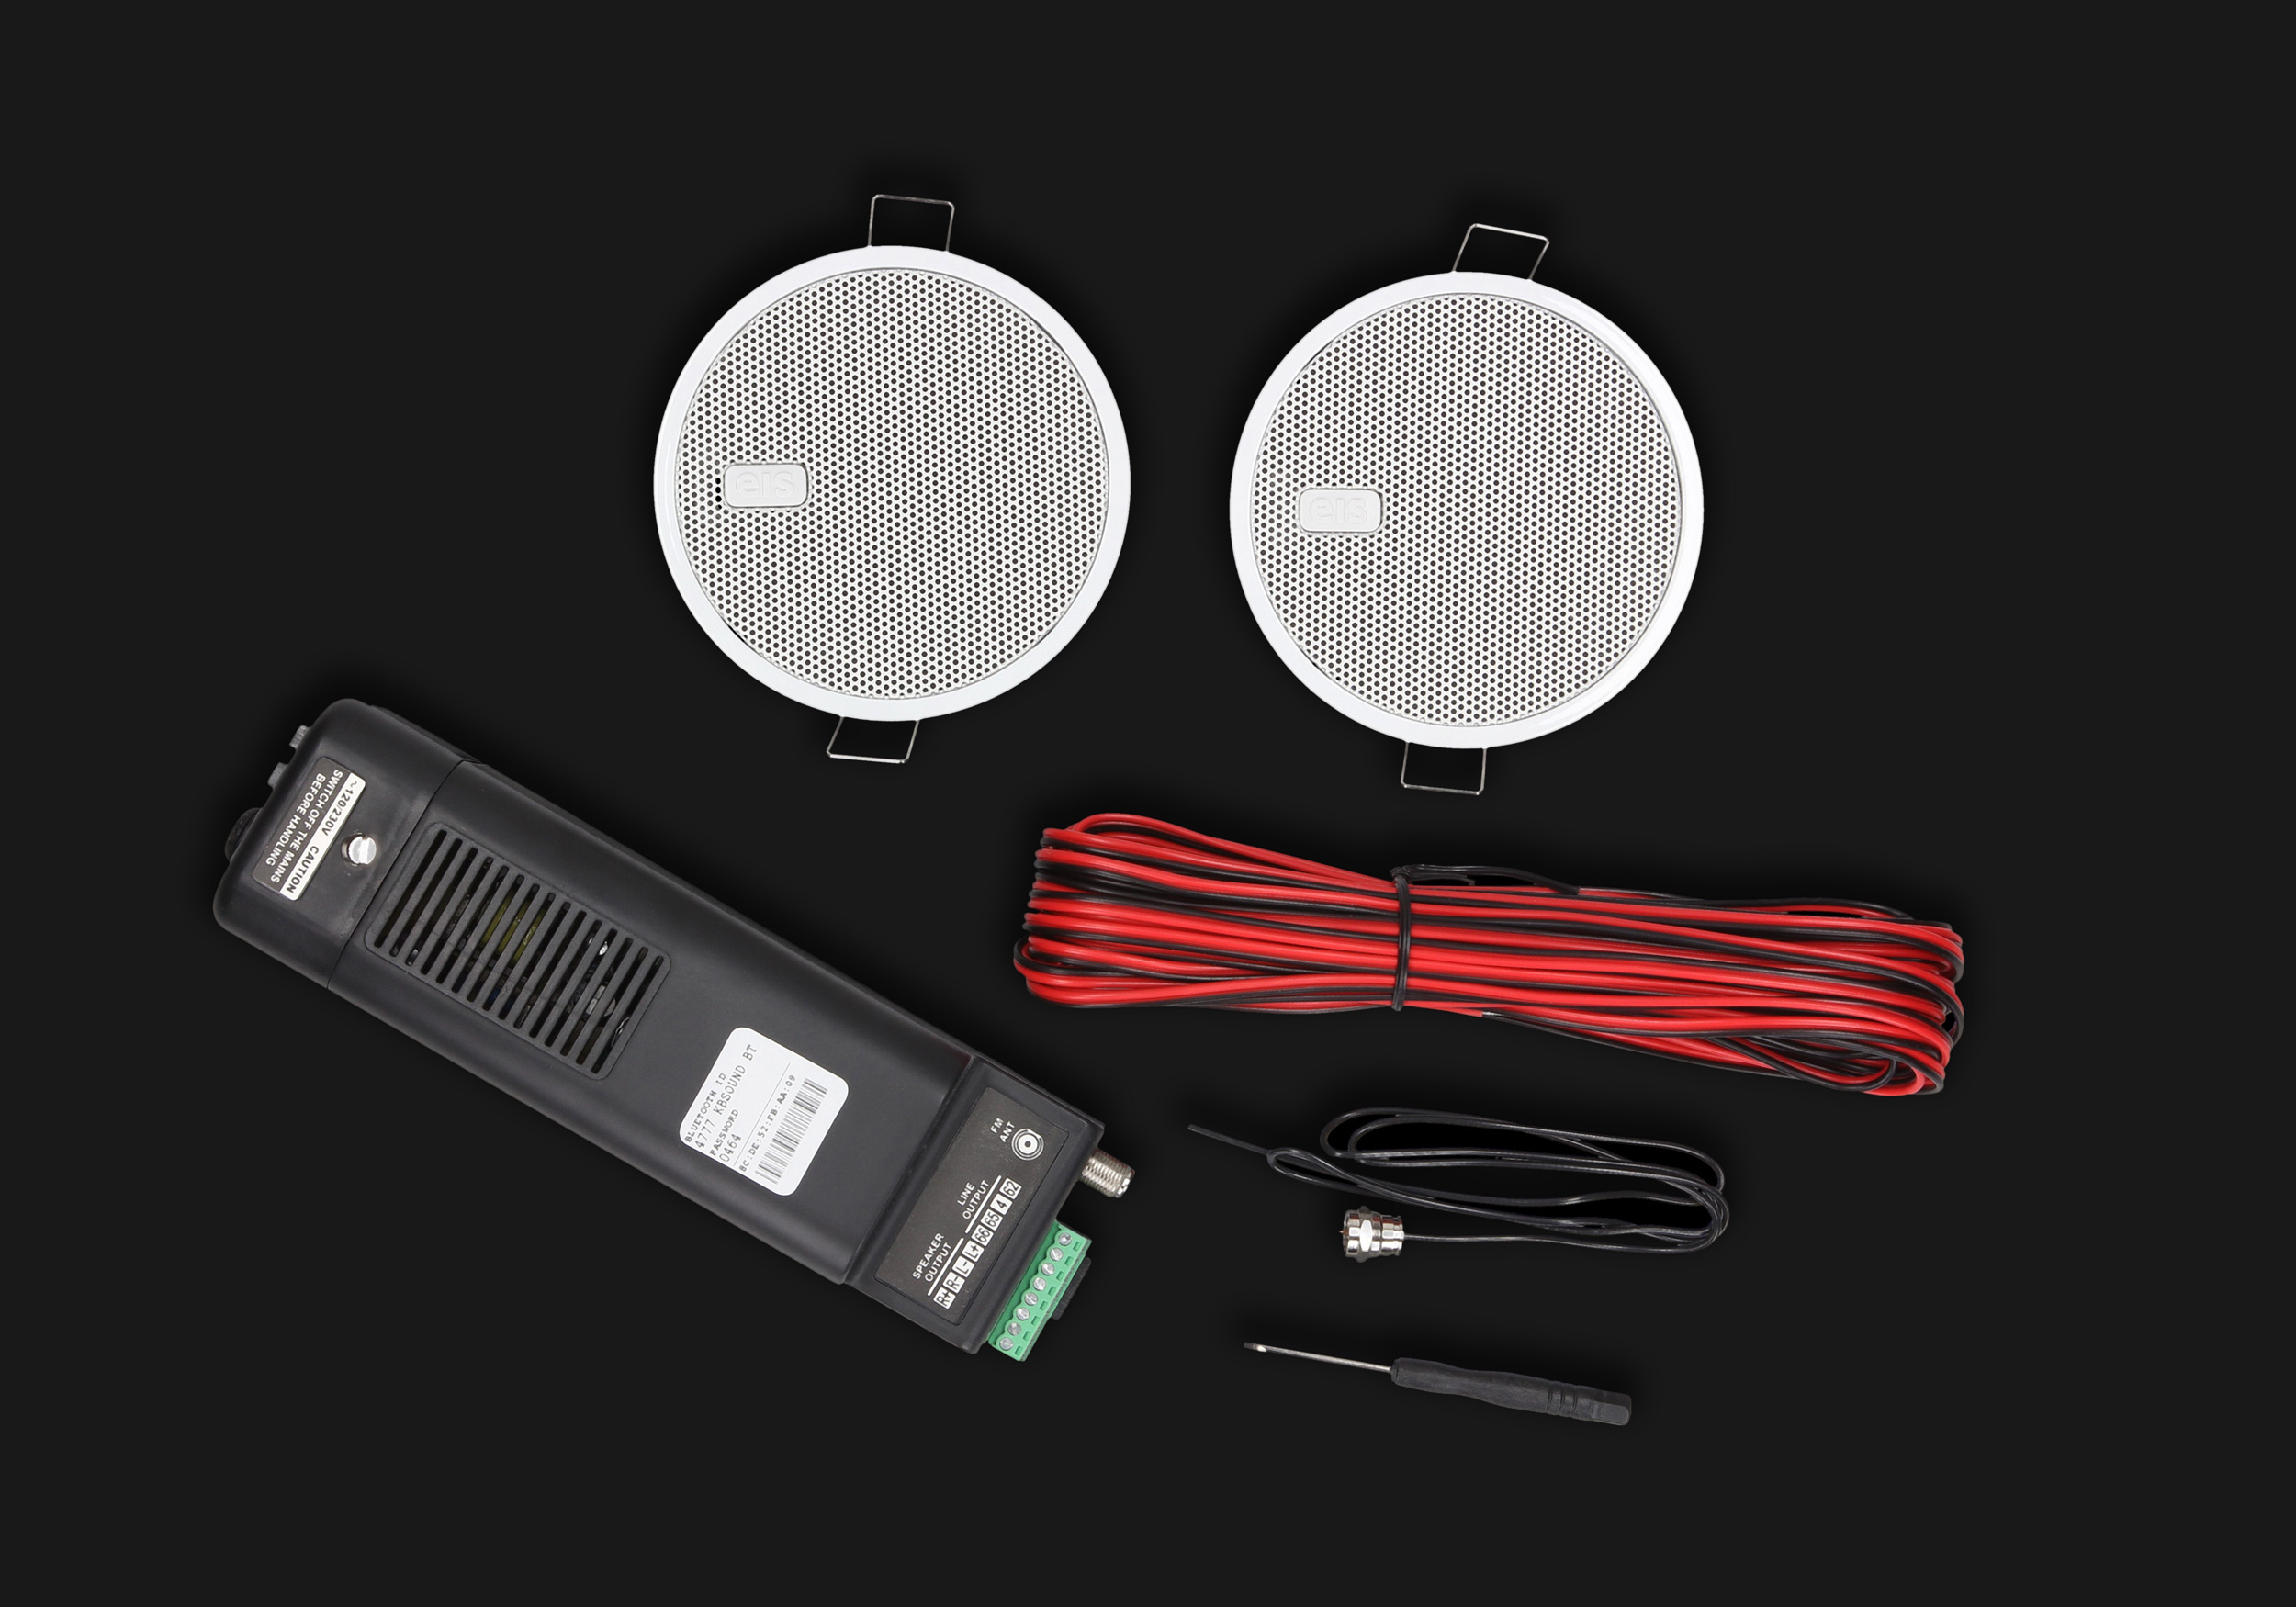 zestaw radia łazienkowego do zabudowy w suficie podwieszanym z łącznością Bluetooth